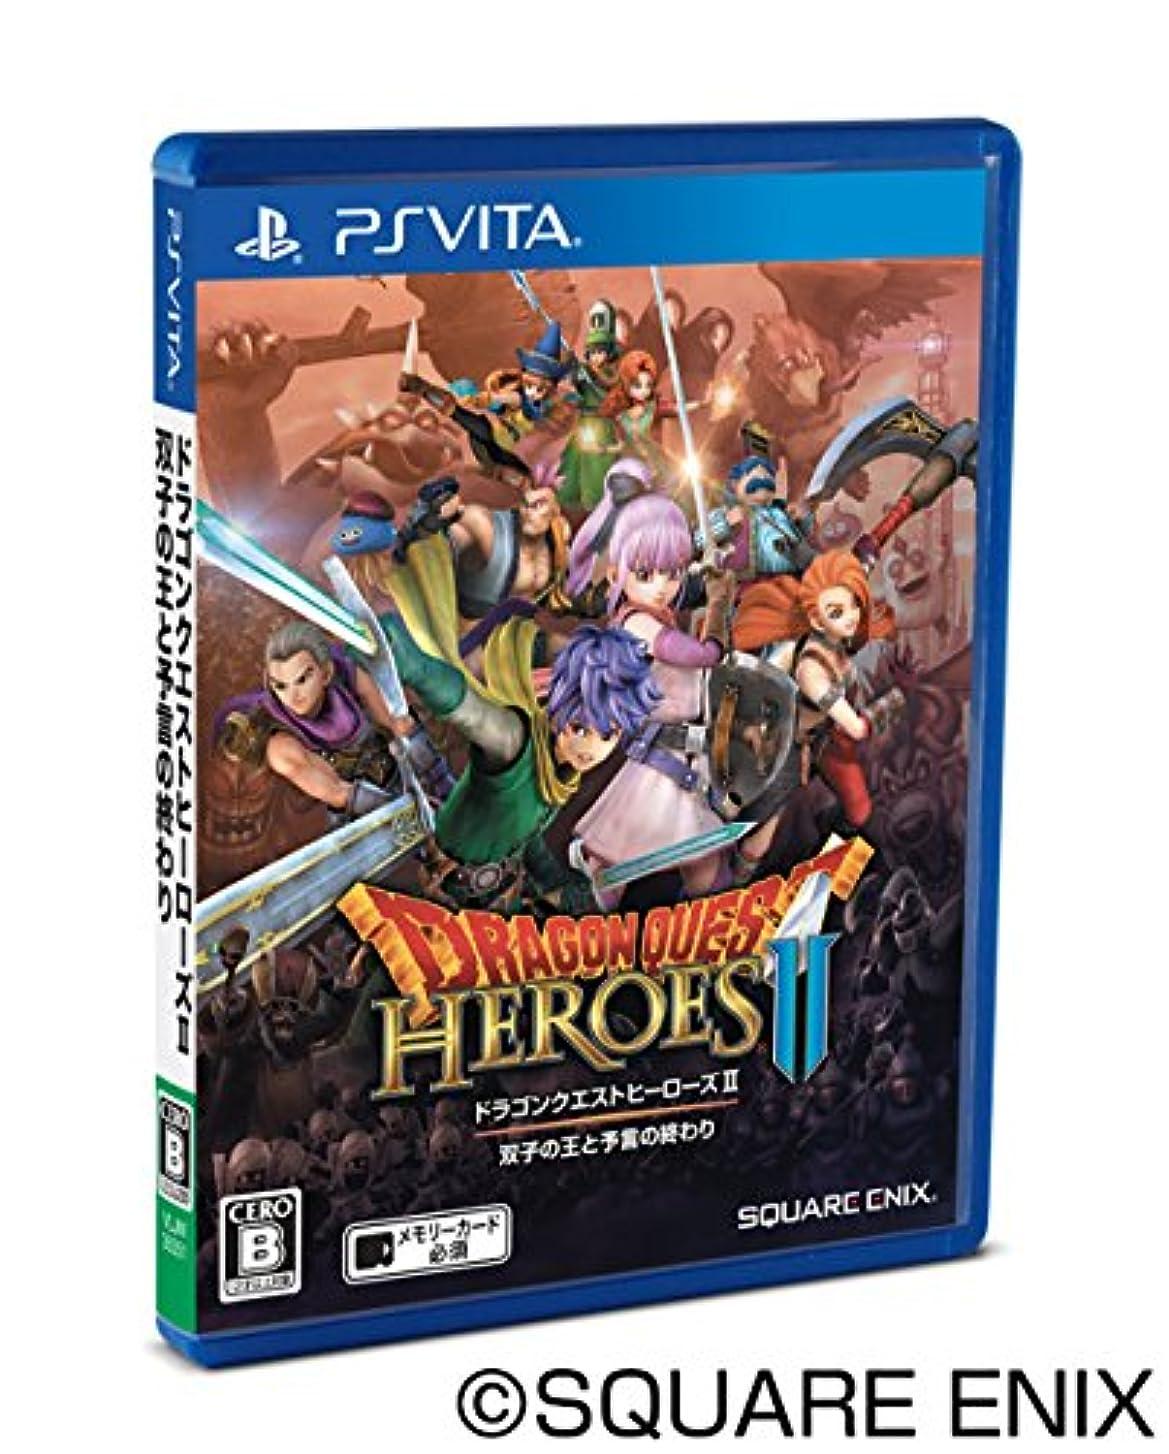 多年生追い払う遊び場ドラゴンクエストヒーローズII 双子の王と予言の終わり - PS Vita